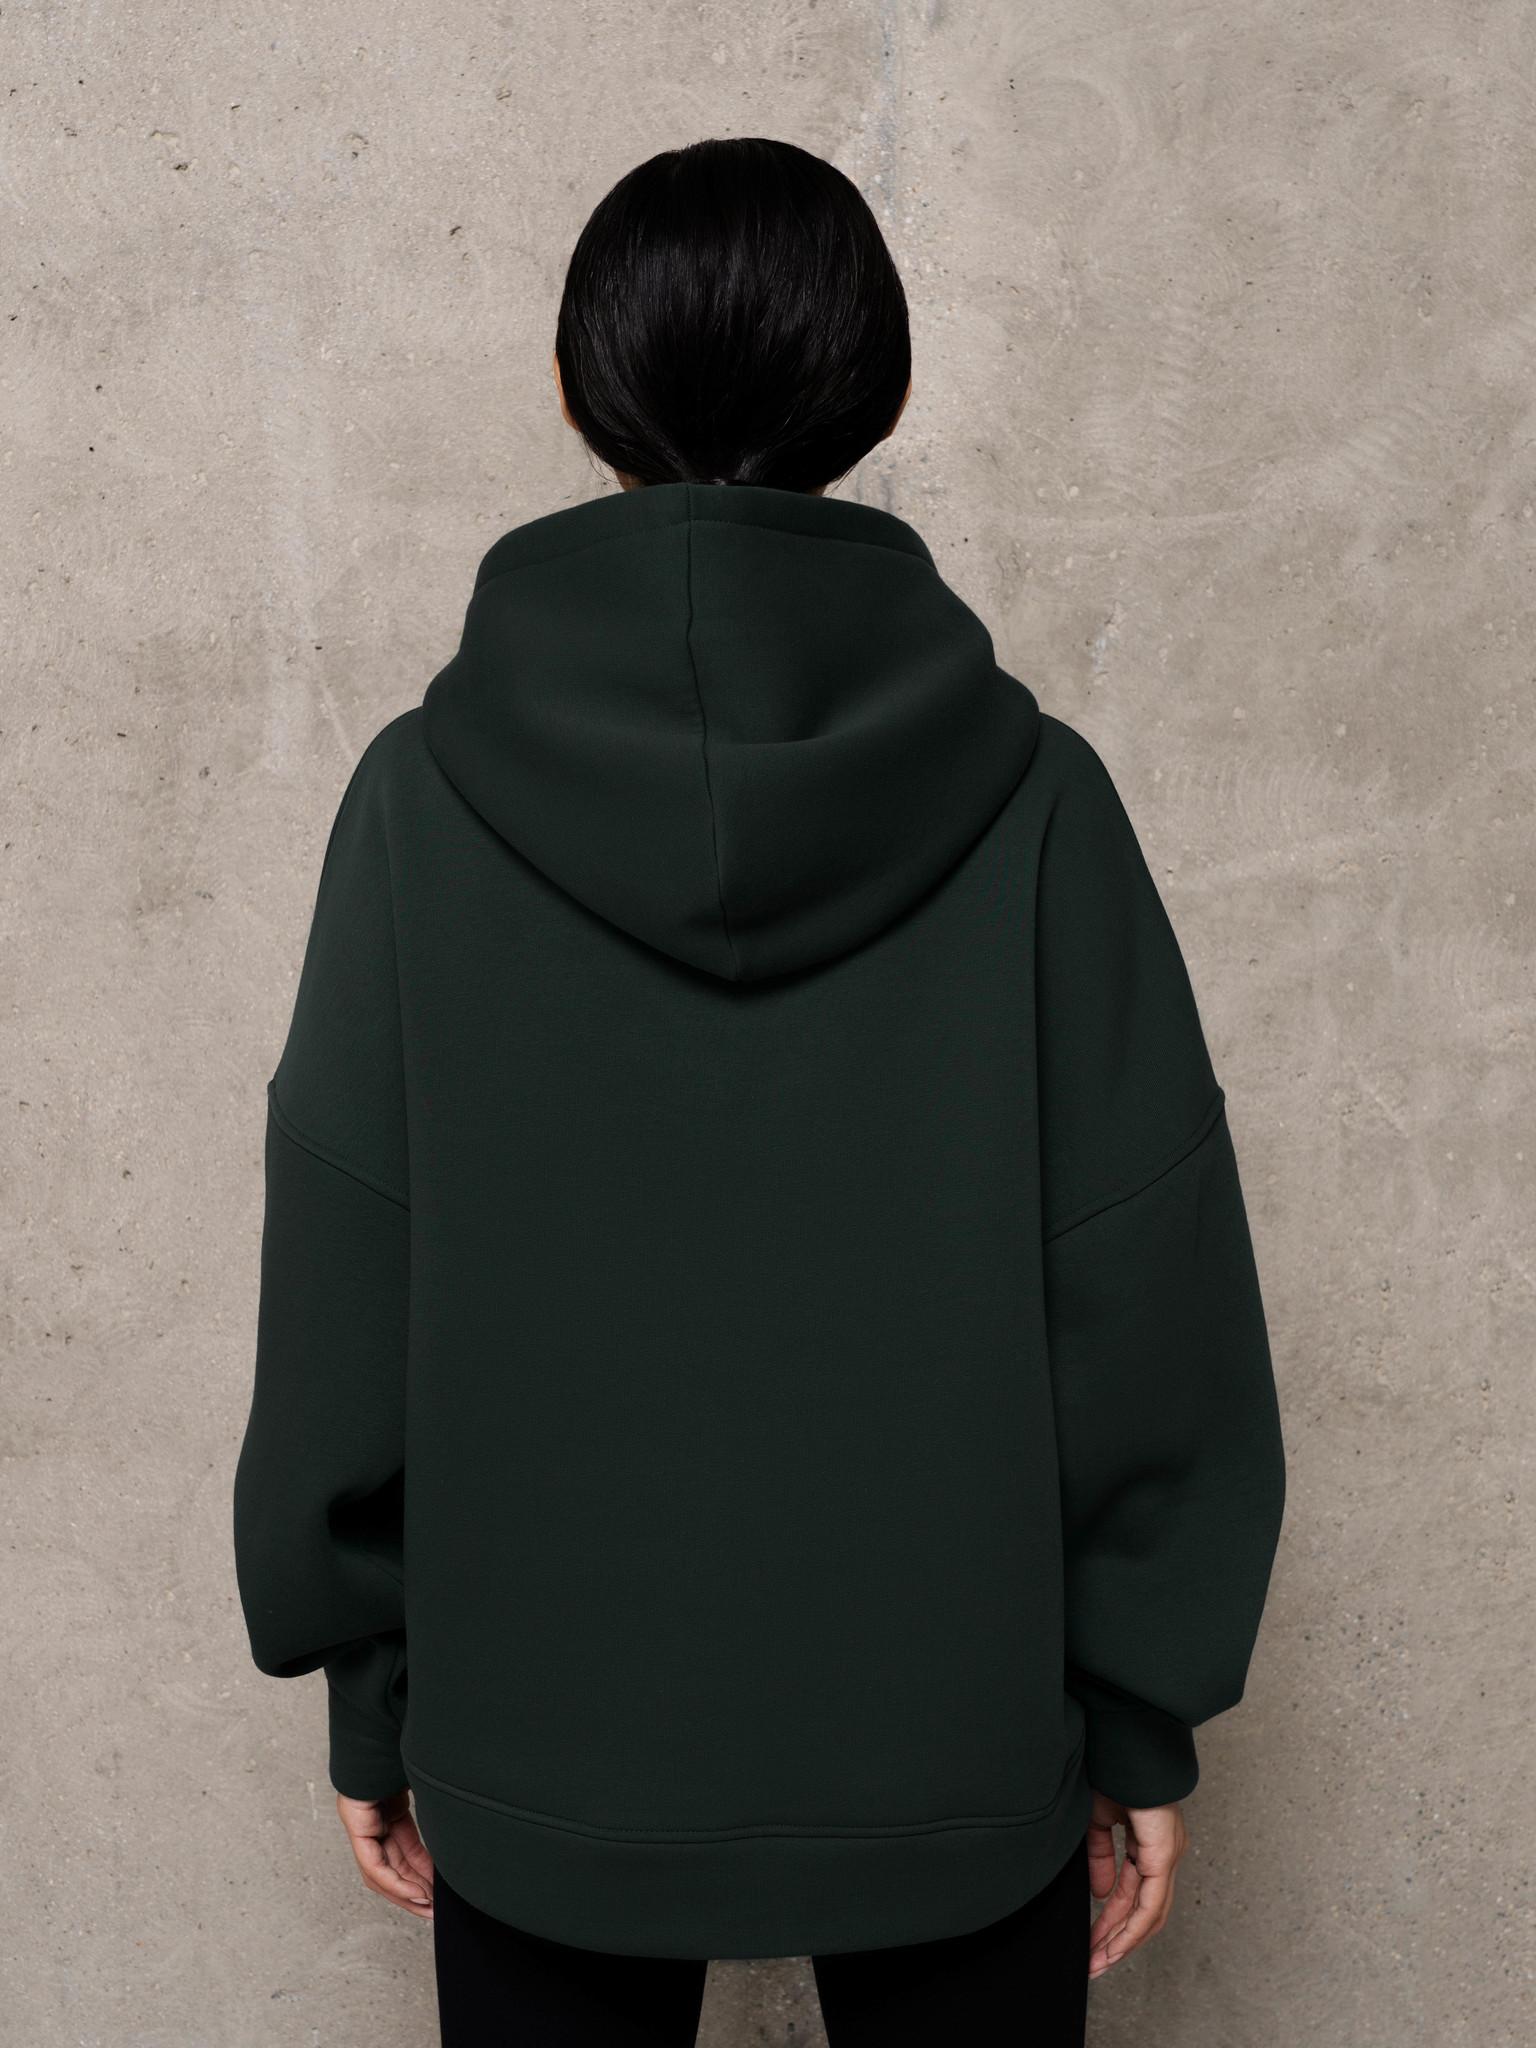 Худи Emex, Темно-зеленый